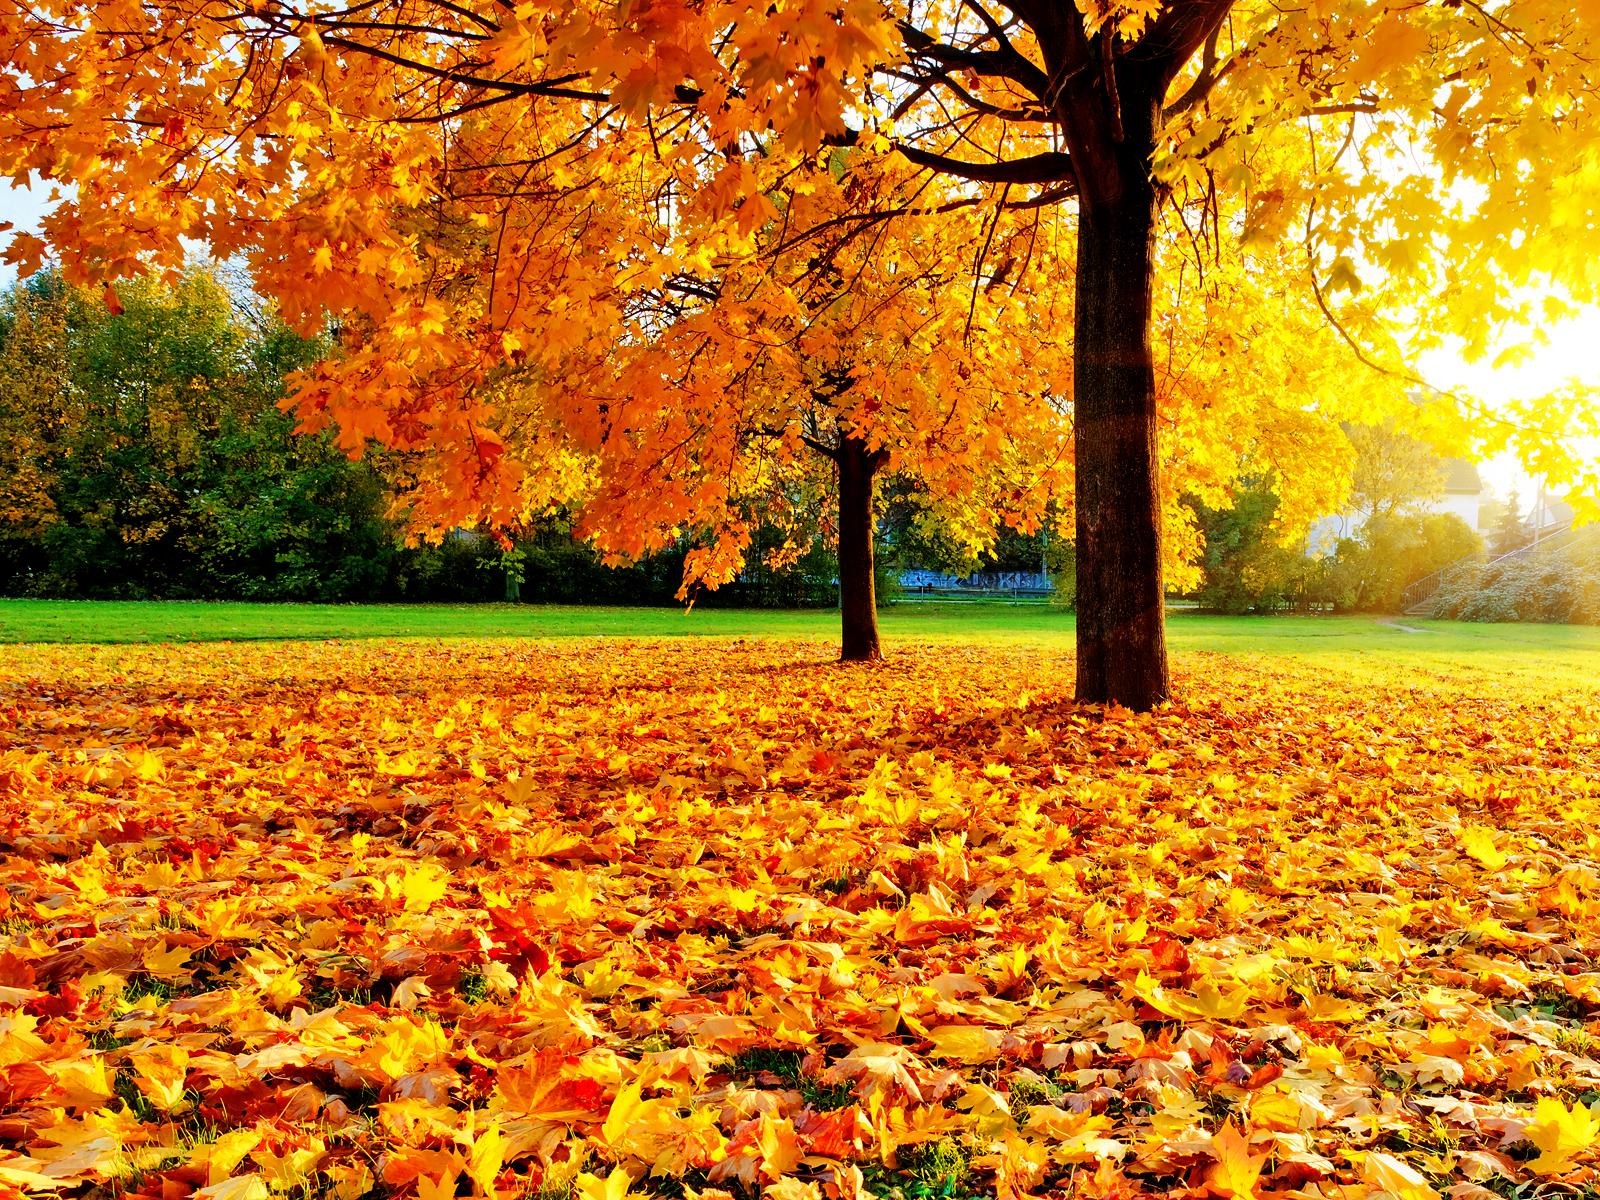 central park autumn wallpaper Car Pictures 資料